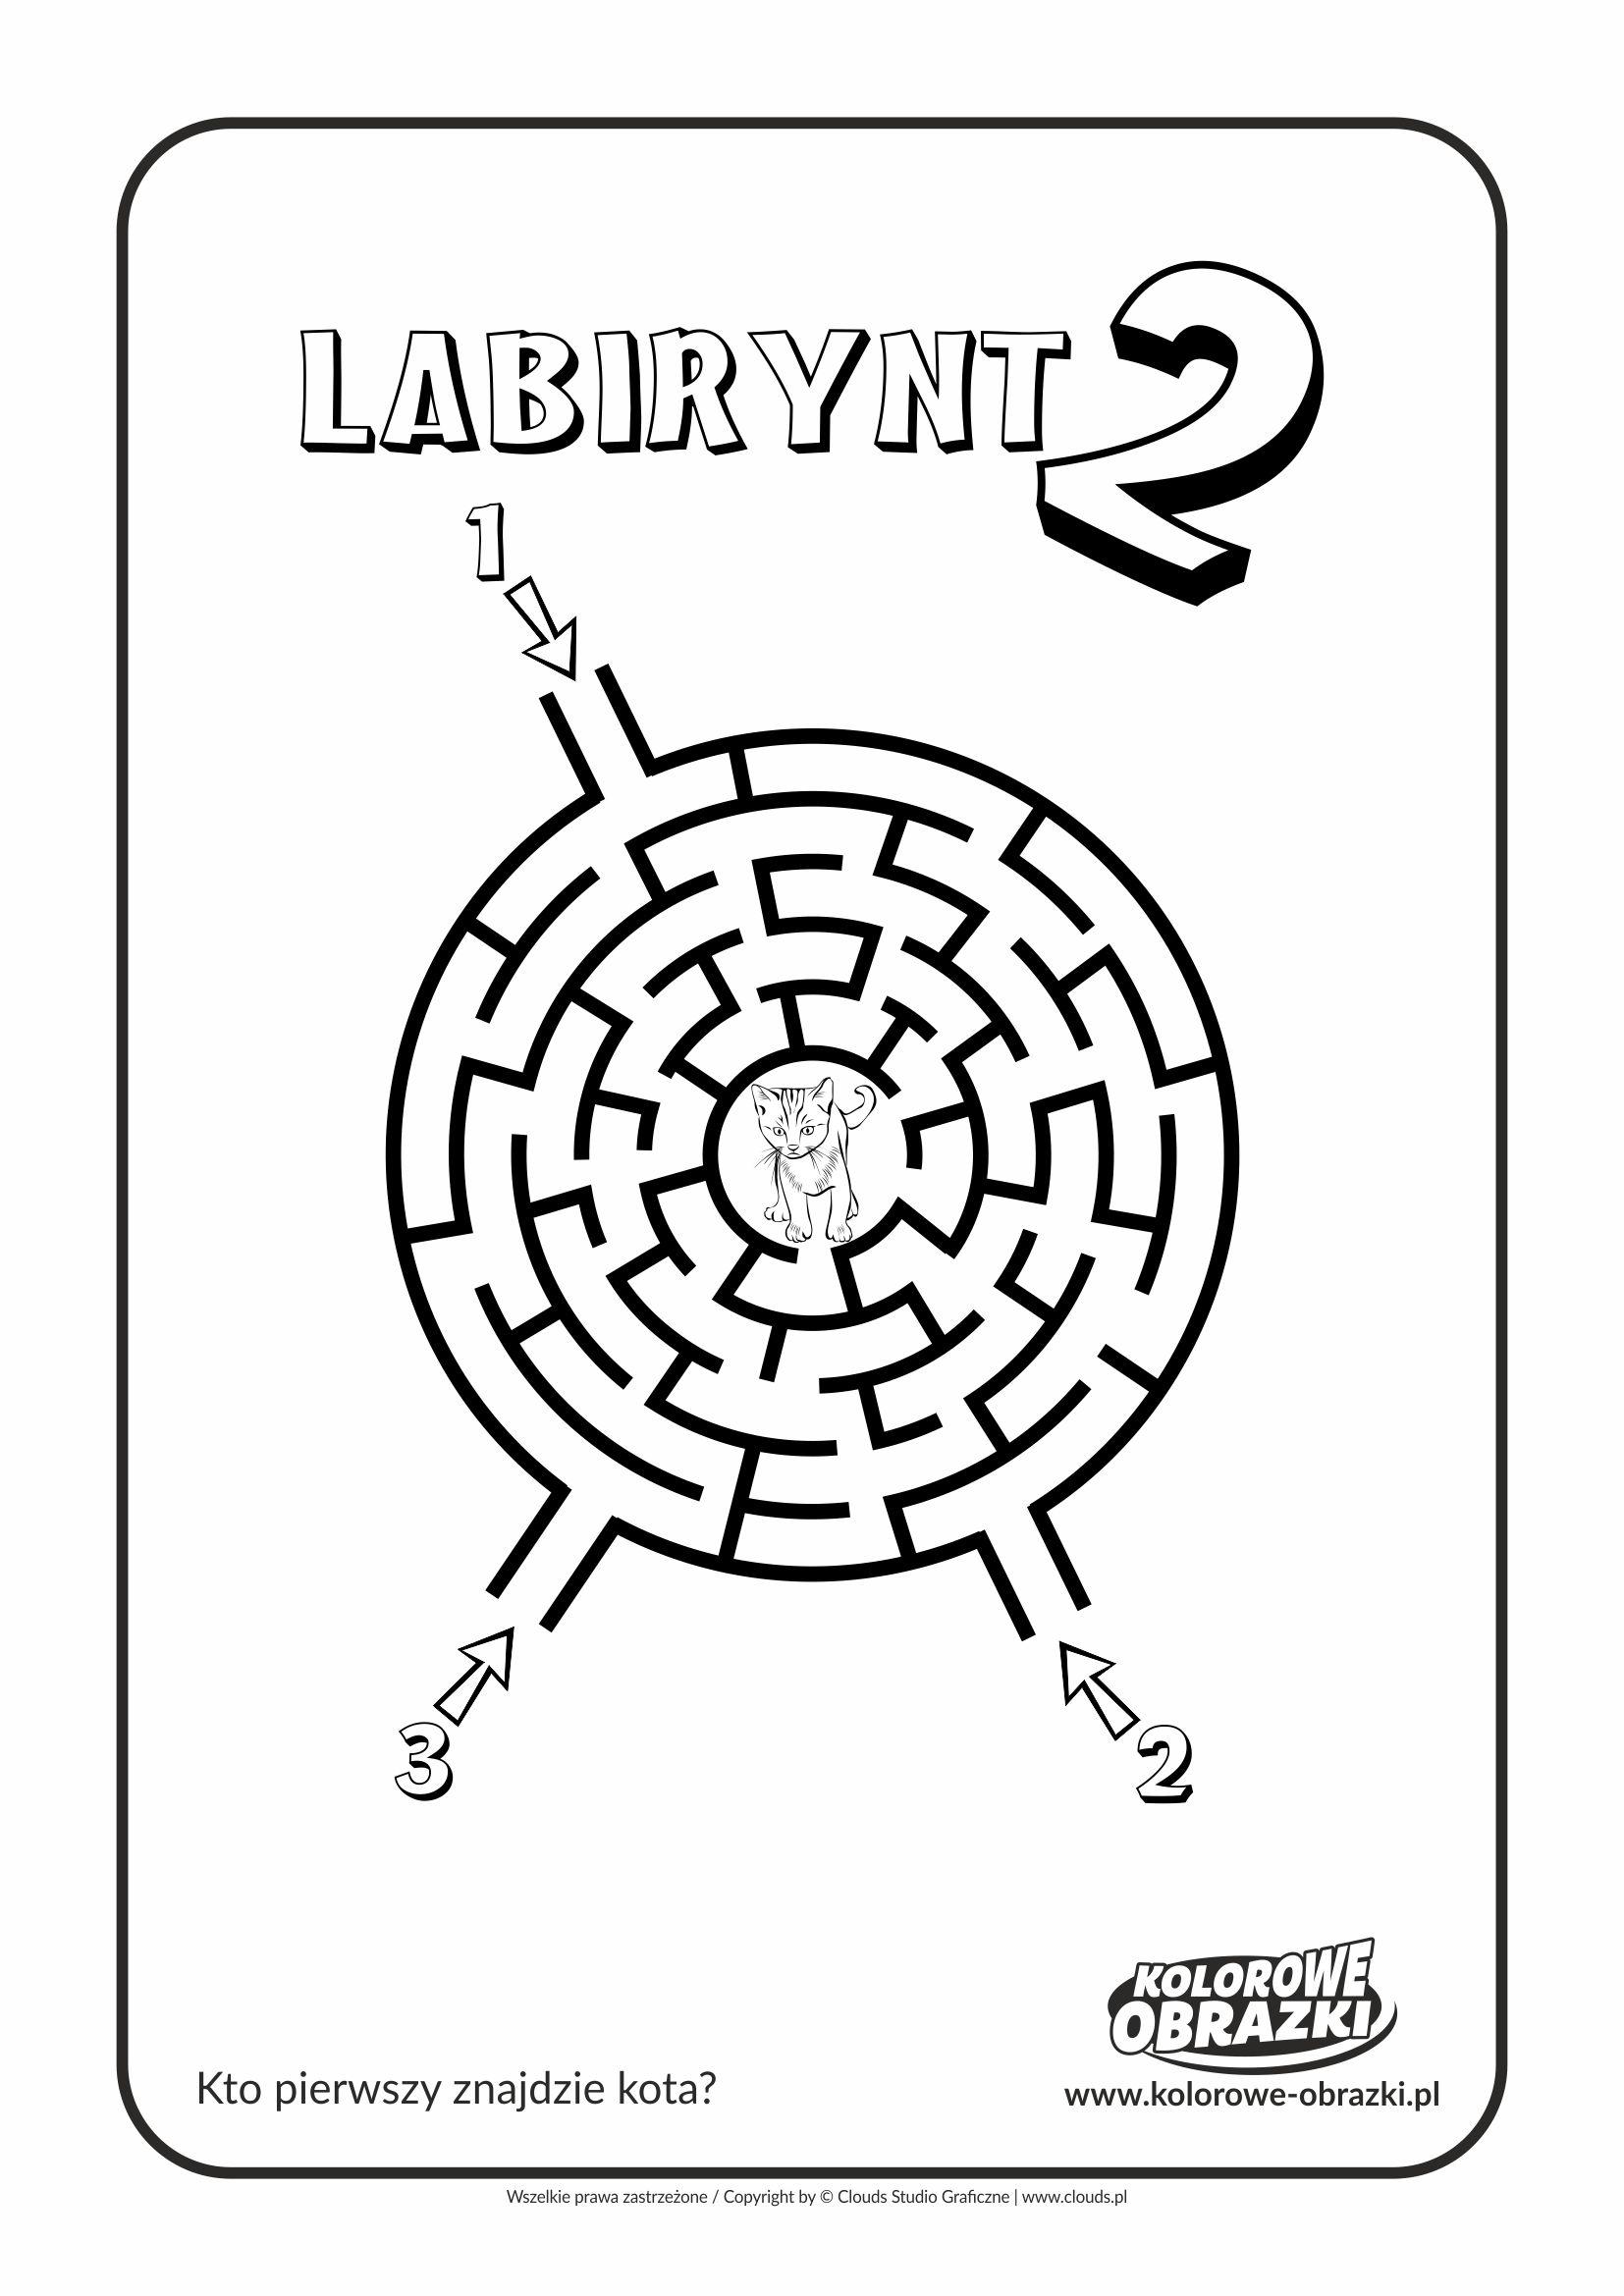 Kolorowanki dla dzieci - Labirynty / Labirynt nr 2